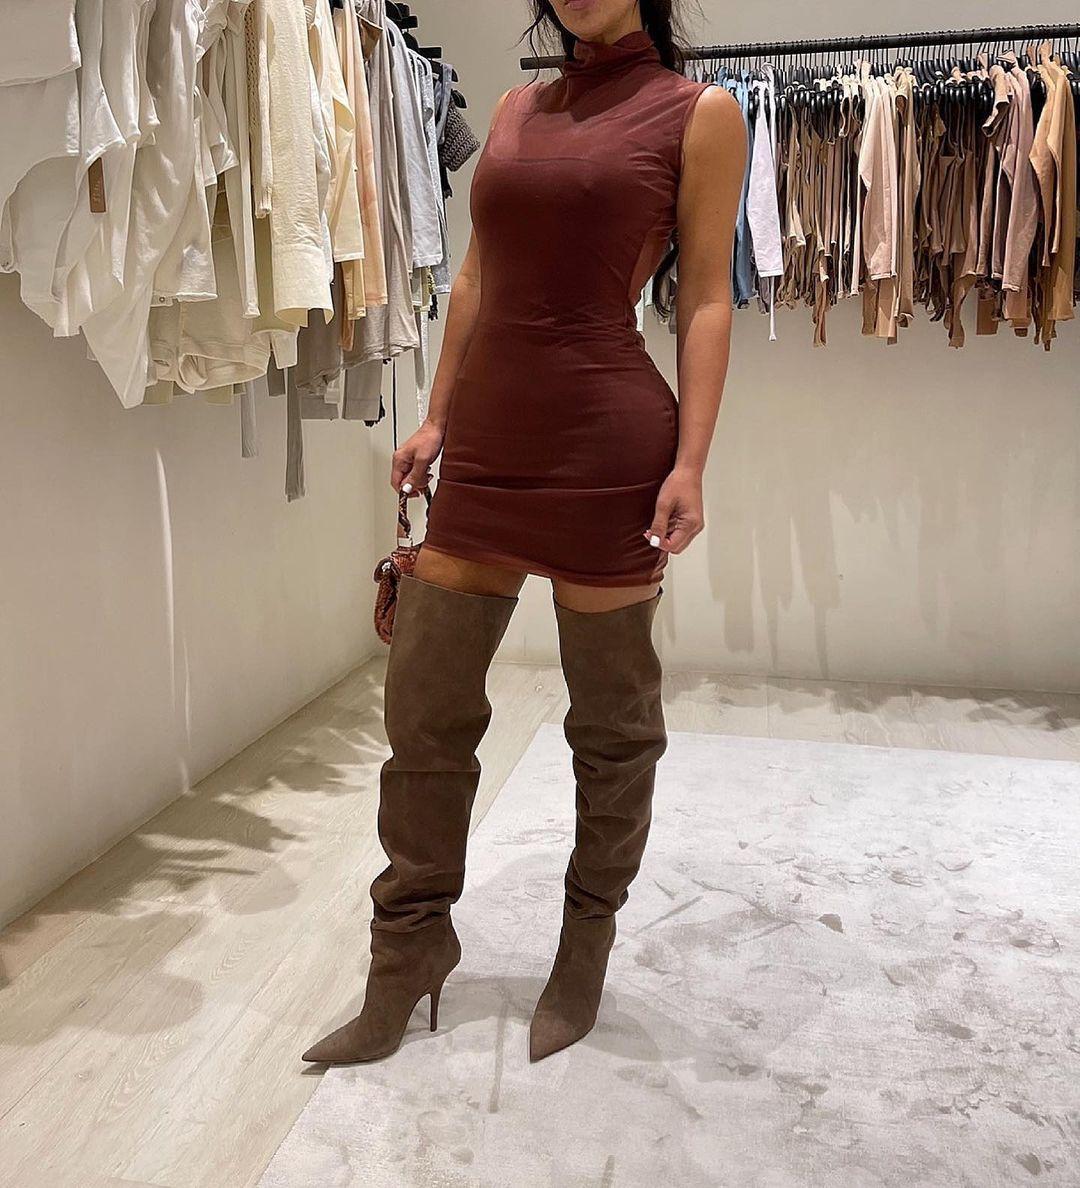 Potret Seksi Kim Kardashian Saat Fitting, Berani Terbuka